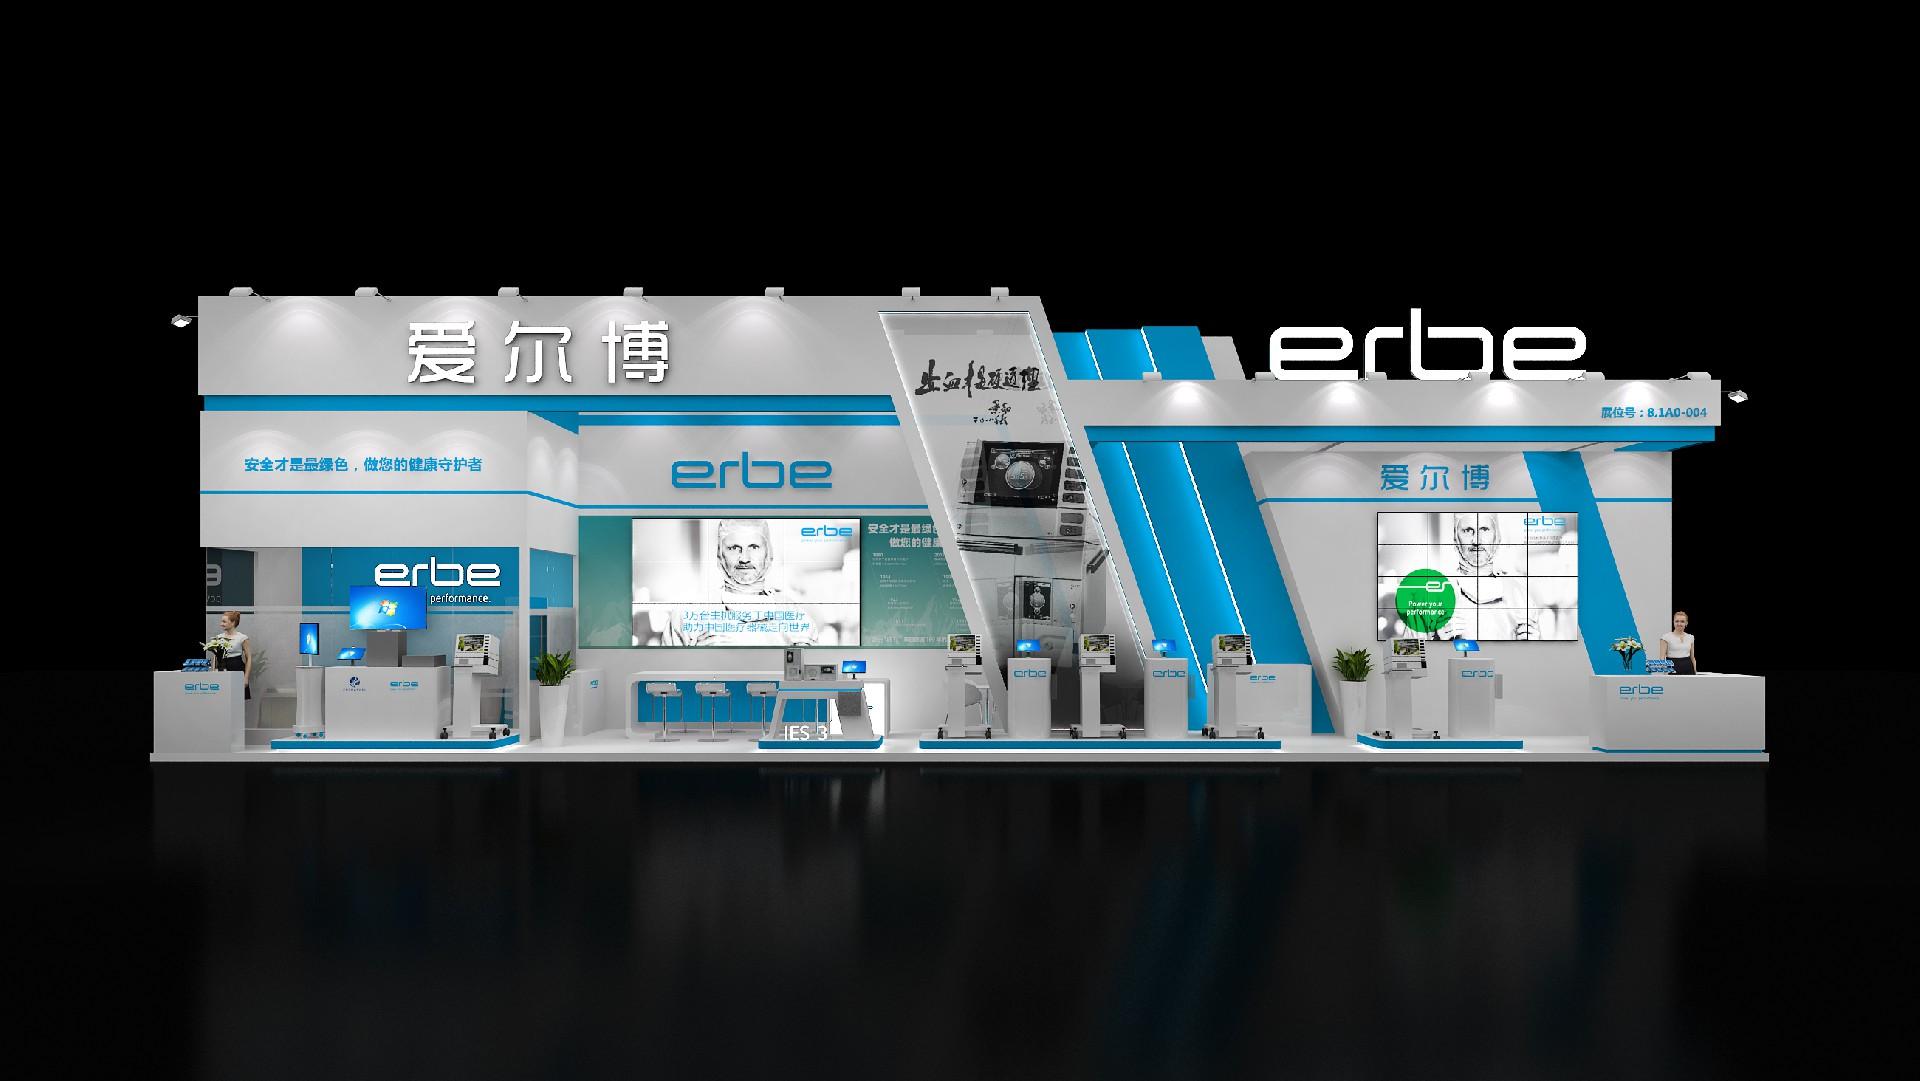 爱尔博医疗-第三届进博会展台设计搭建案例